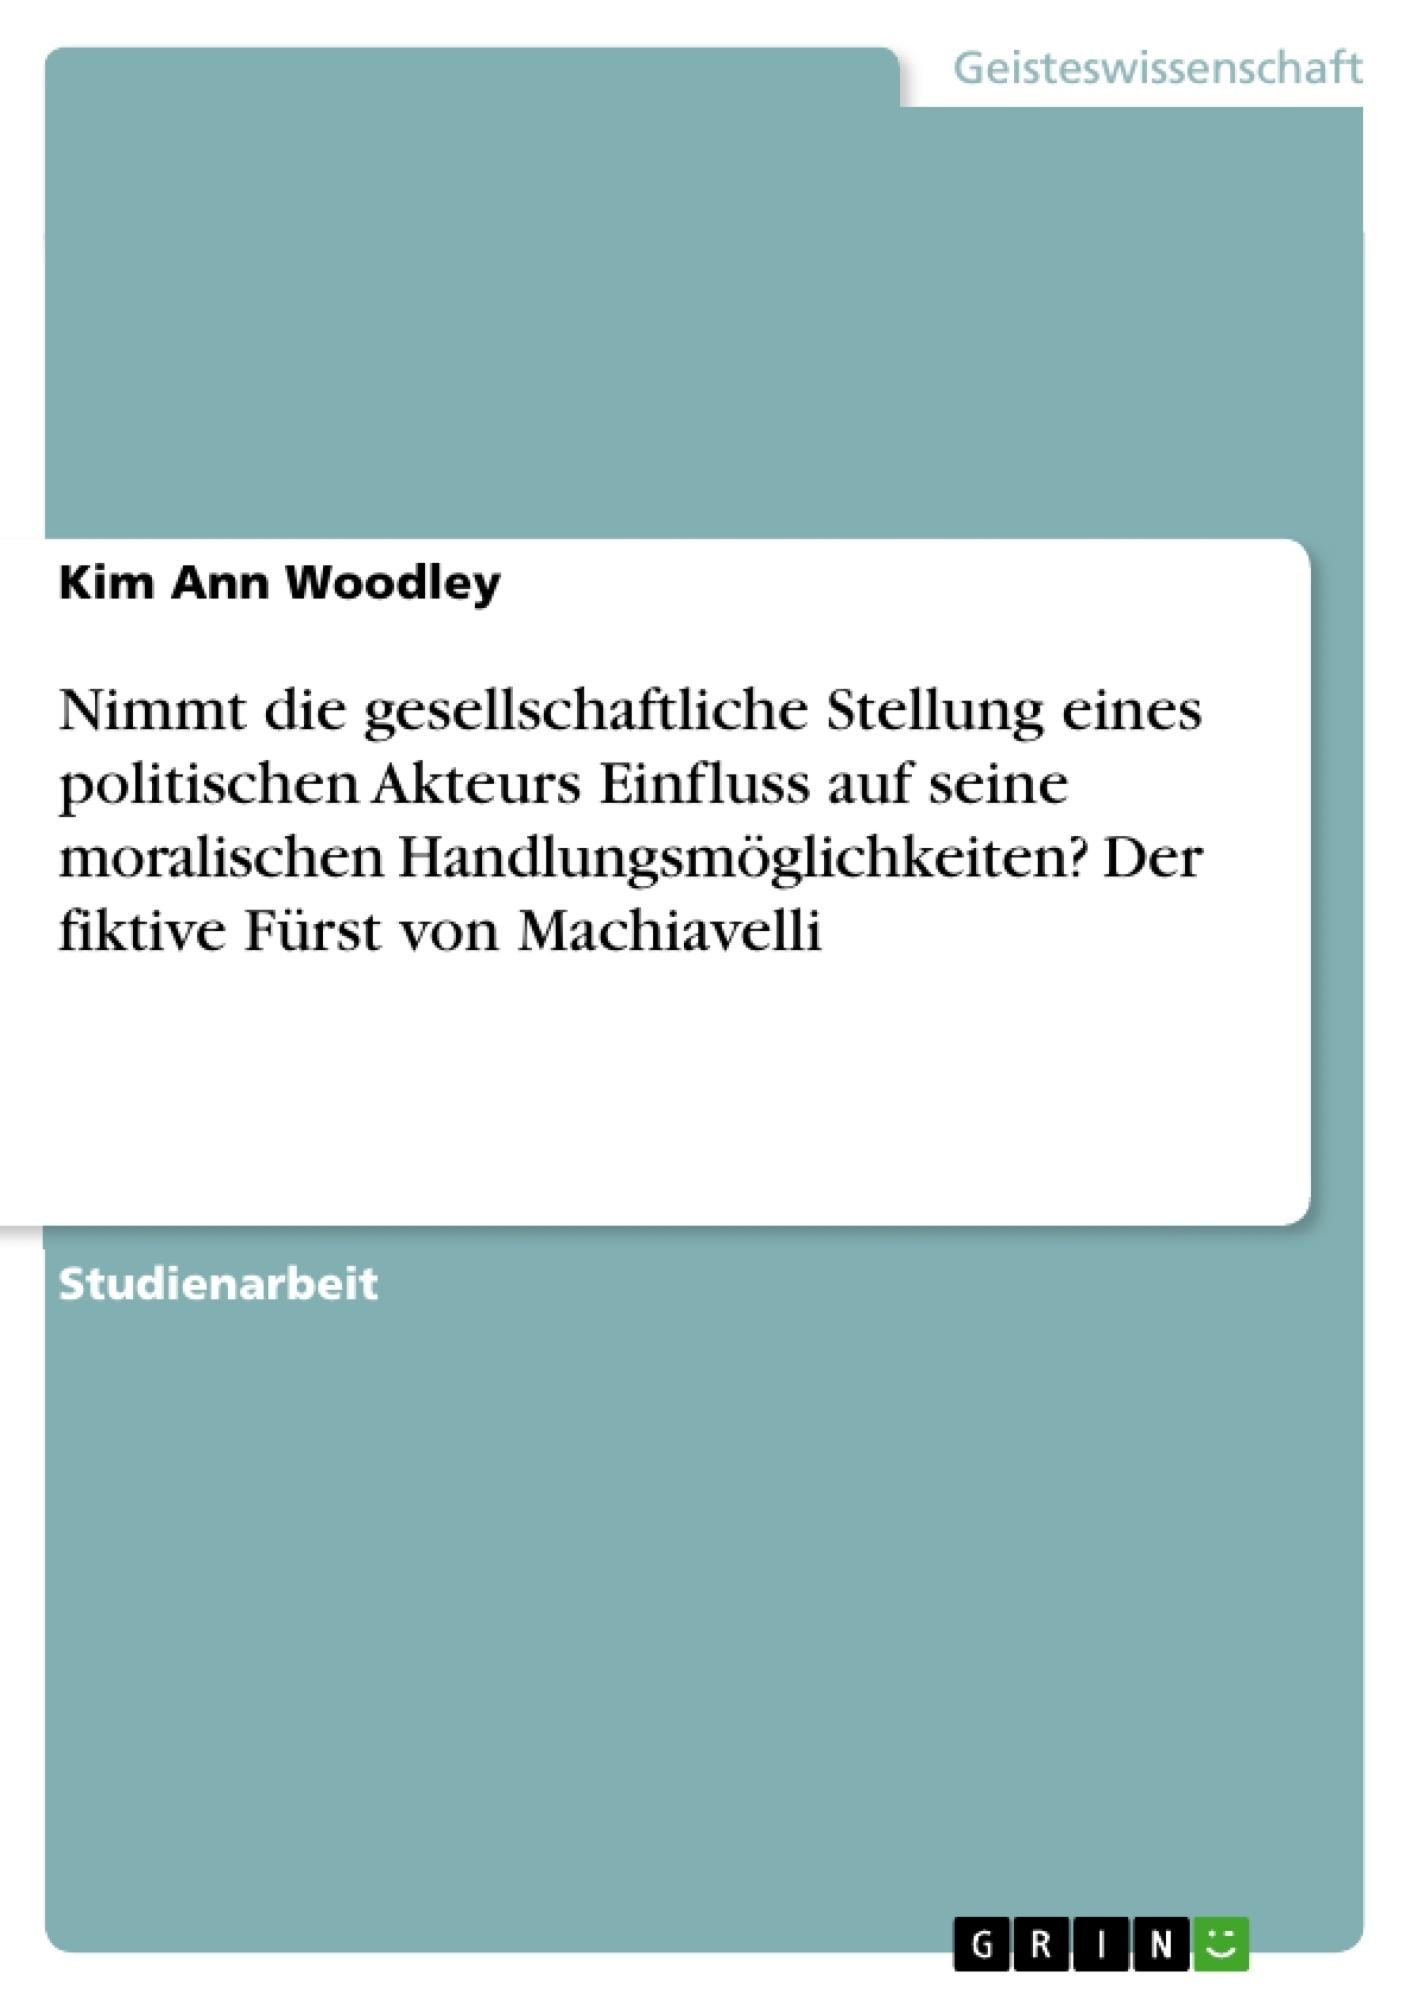 Titel: Nimmt die gesellschaftliche Stellung eines politischen Akteurs Einfluss auf seine moralischen Handlungsmöglichkeiten? Der fiktive Fürst von Machiavelli